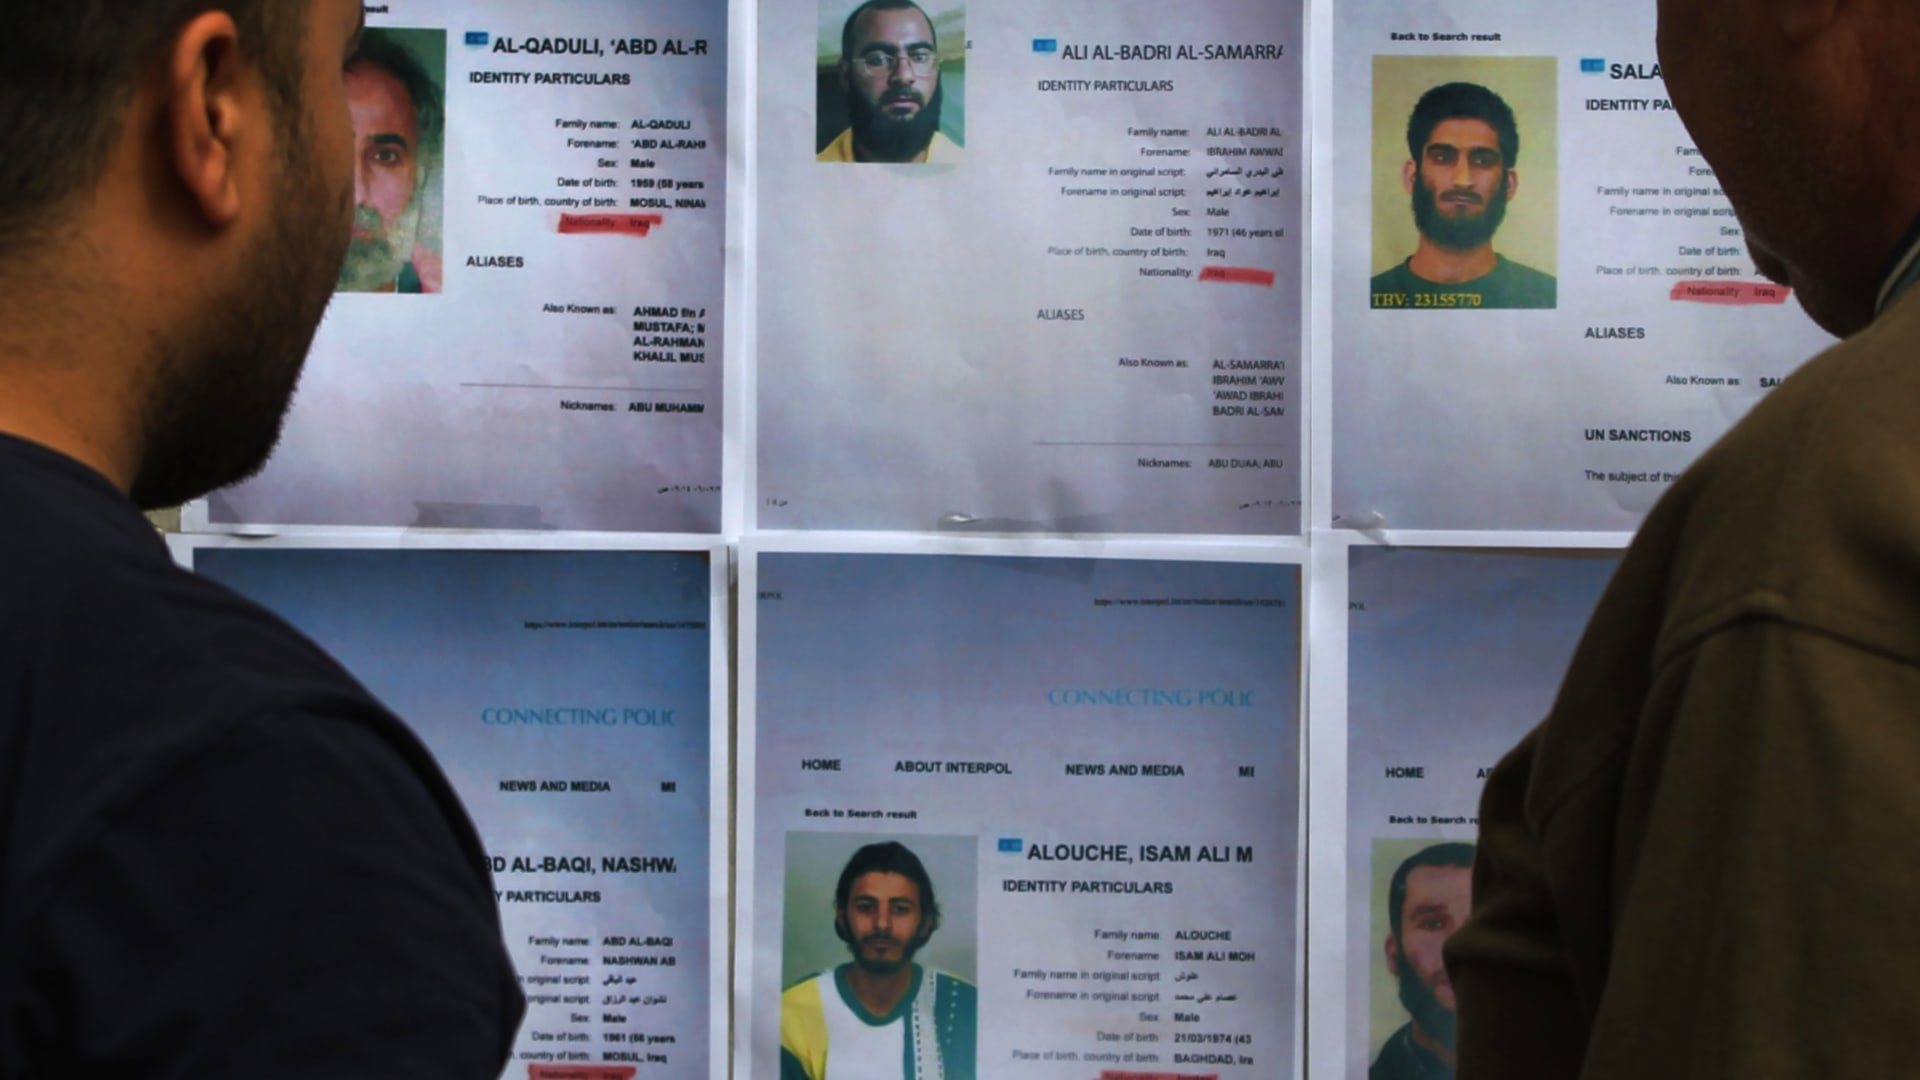 من هو أبوبكر البغدادي؟.. وكيف أنشأ تنظيم داعش؟